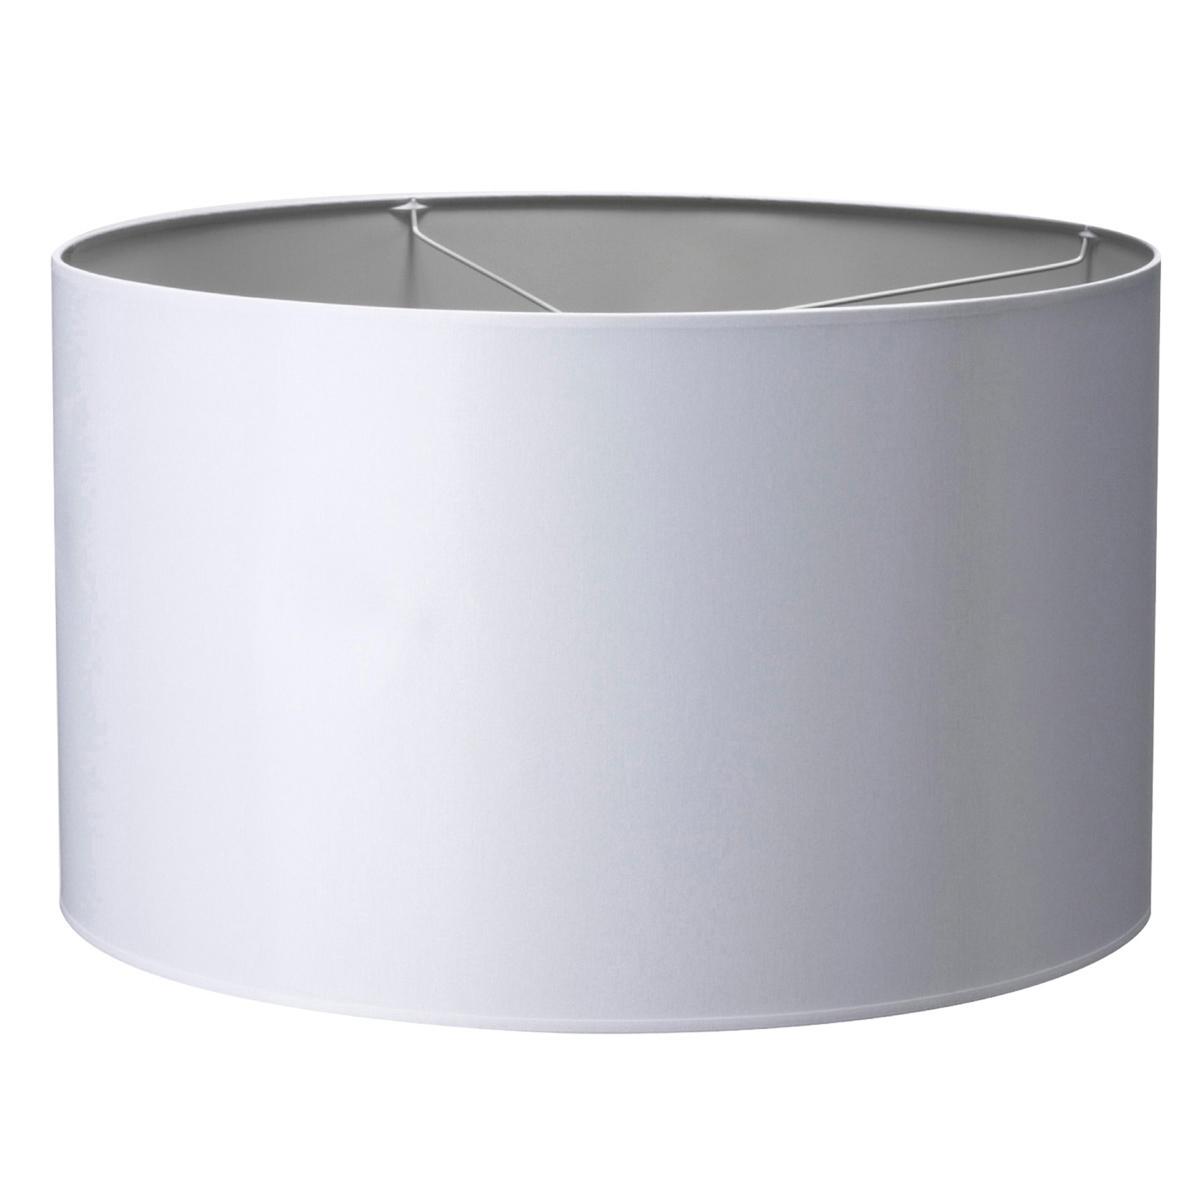 Абажур из глянцевого ситца Wombat, 5 размеровАбажур Wombat. Абажур с красивым блестящим глянцевым покрытием, доступный в 5 размерах, для светильников и торшеров .Характеристики :Каркас из металла, покрытого эпоксидной краской, абажур из полипропилена, обтянутого тканью из 100% хлопка.Окантовка в тон.Для патрона E27, макс. 60W.Размер :5 размеров на выбор ?35 x H25 см?40 x H25 см?45 x H25 см?50 x H30 см?55 x H32 см<br><br>Цвет: белый,темно-бежевый,черный<br>Размер: диаметр 40 см